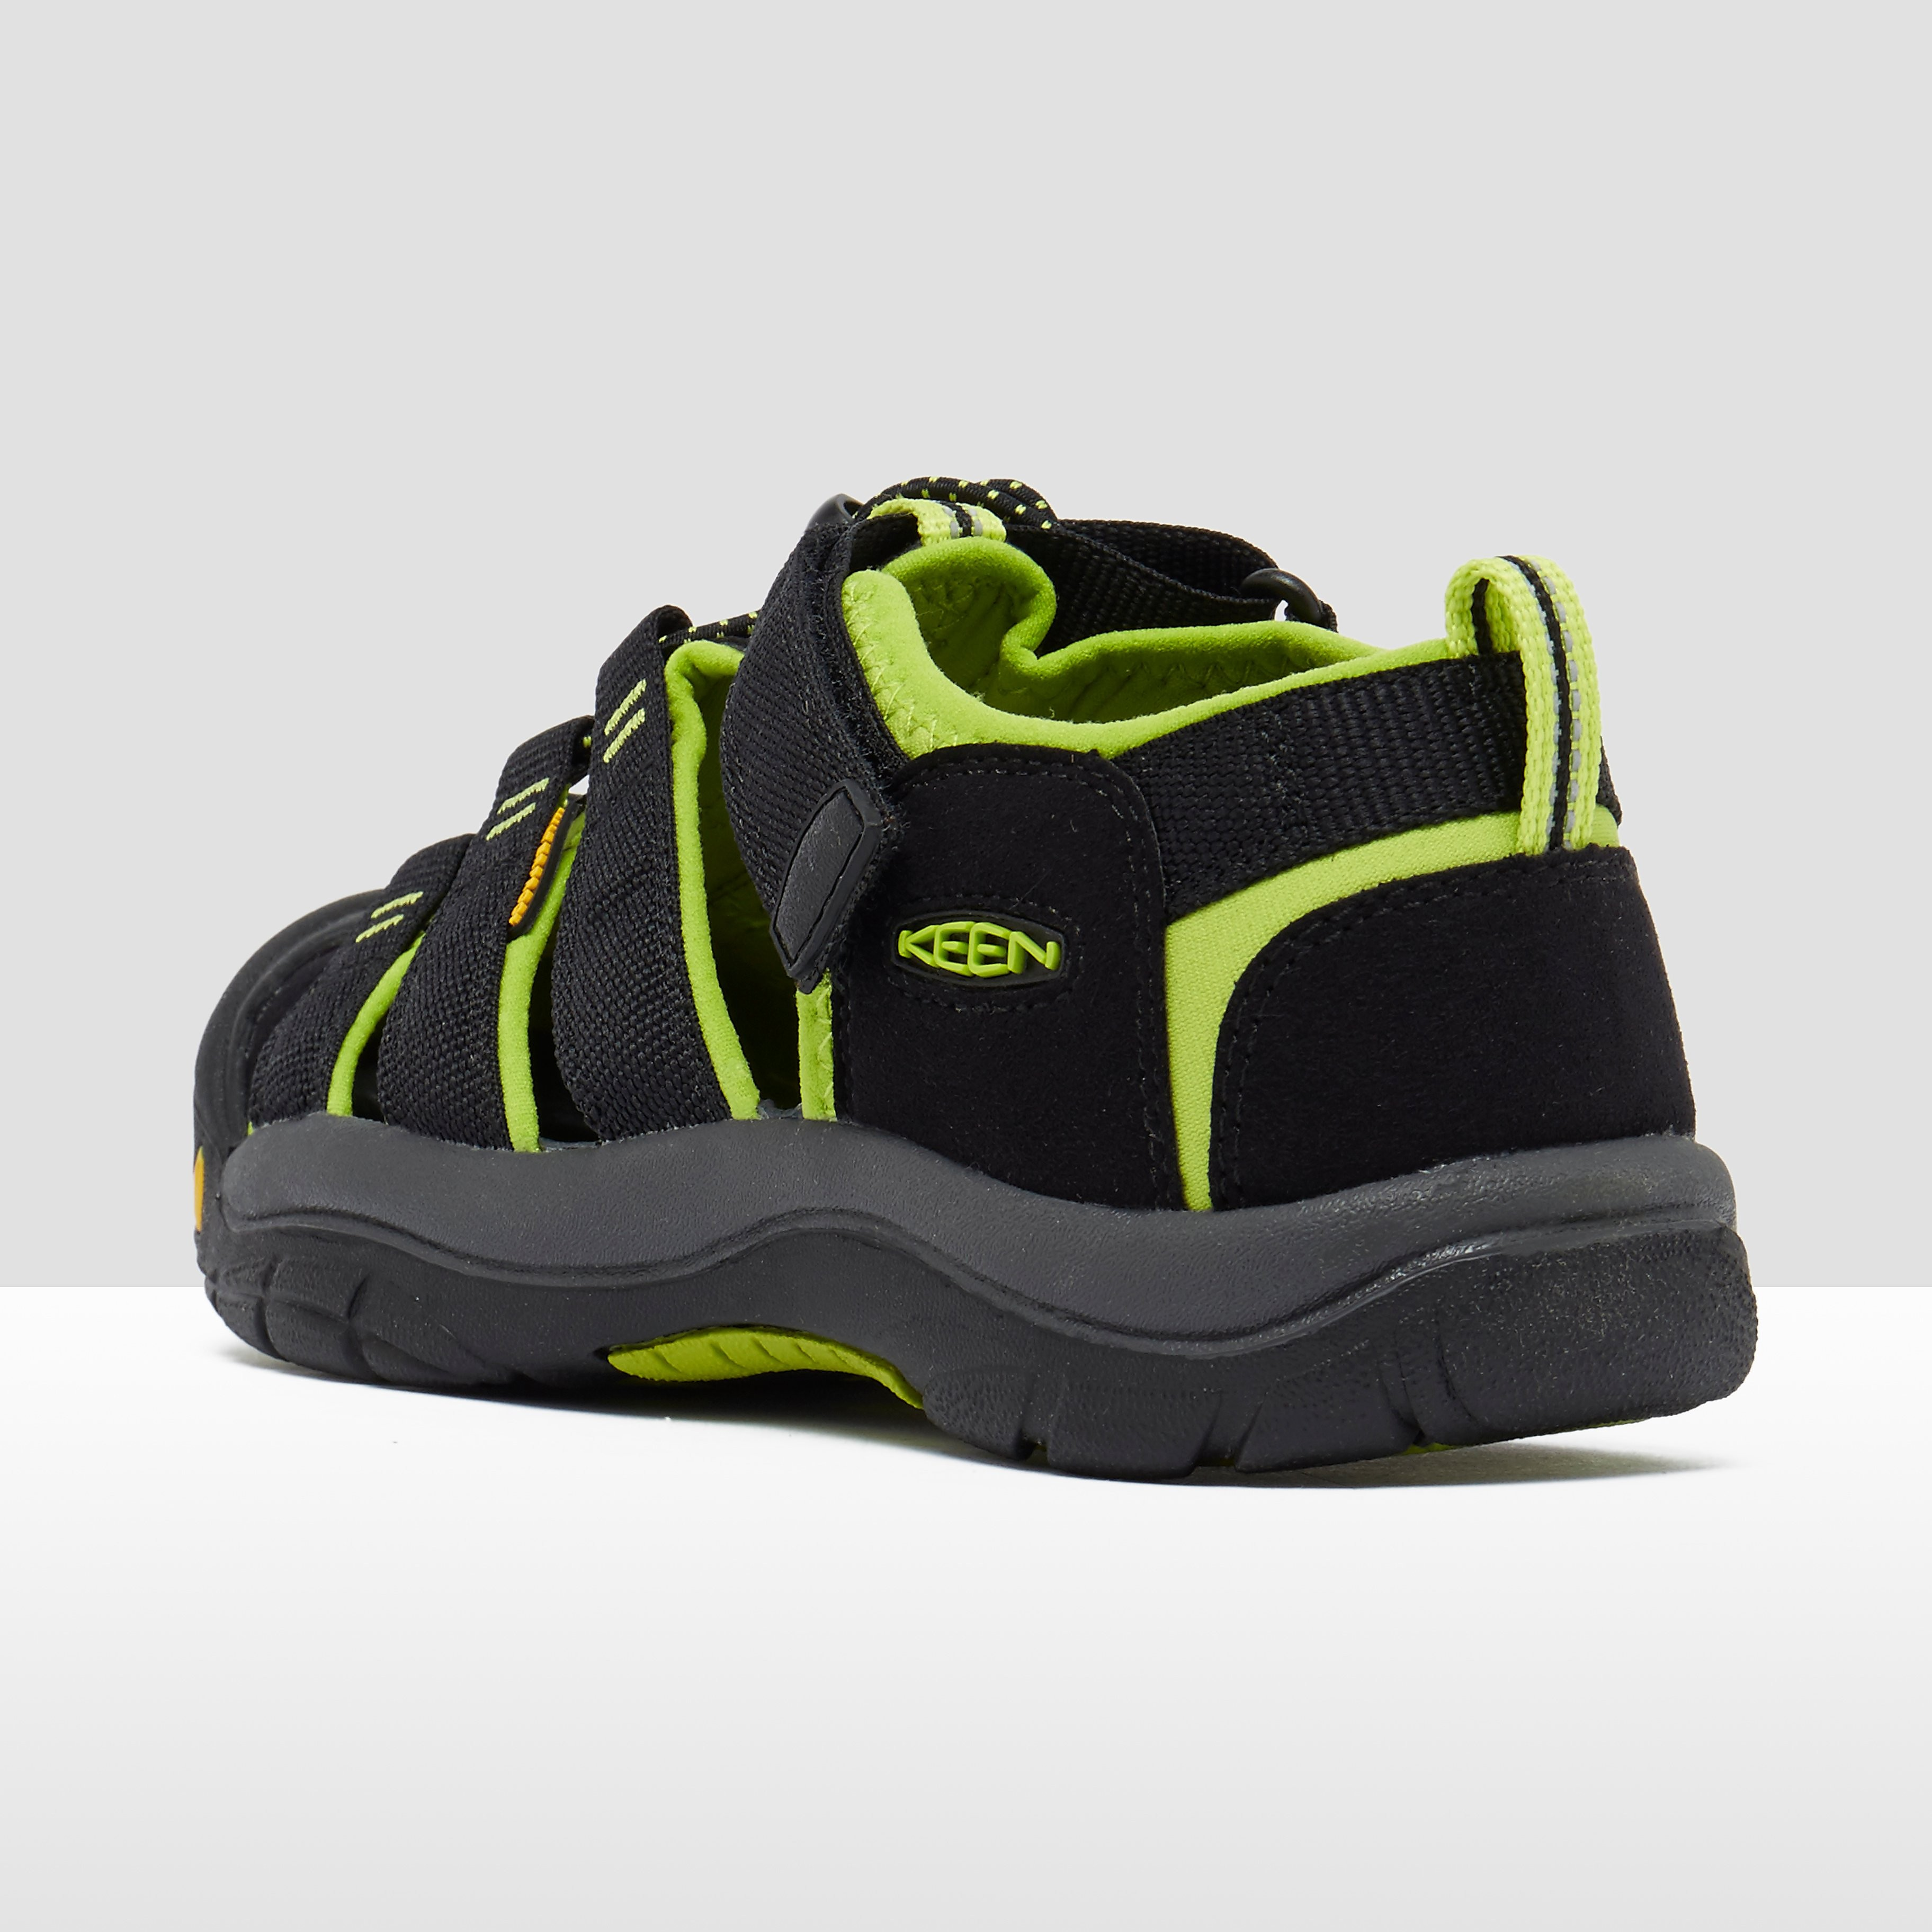 Keen NEWPORT H2 Junior's Walking Sandals